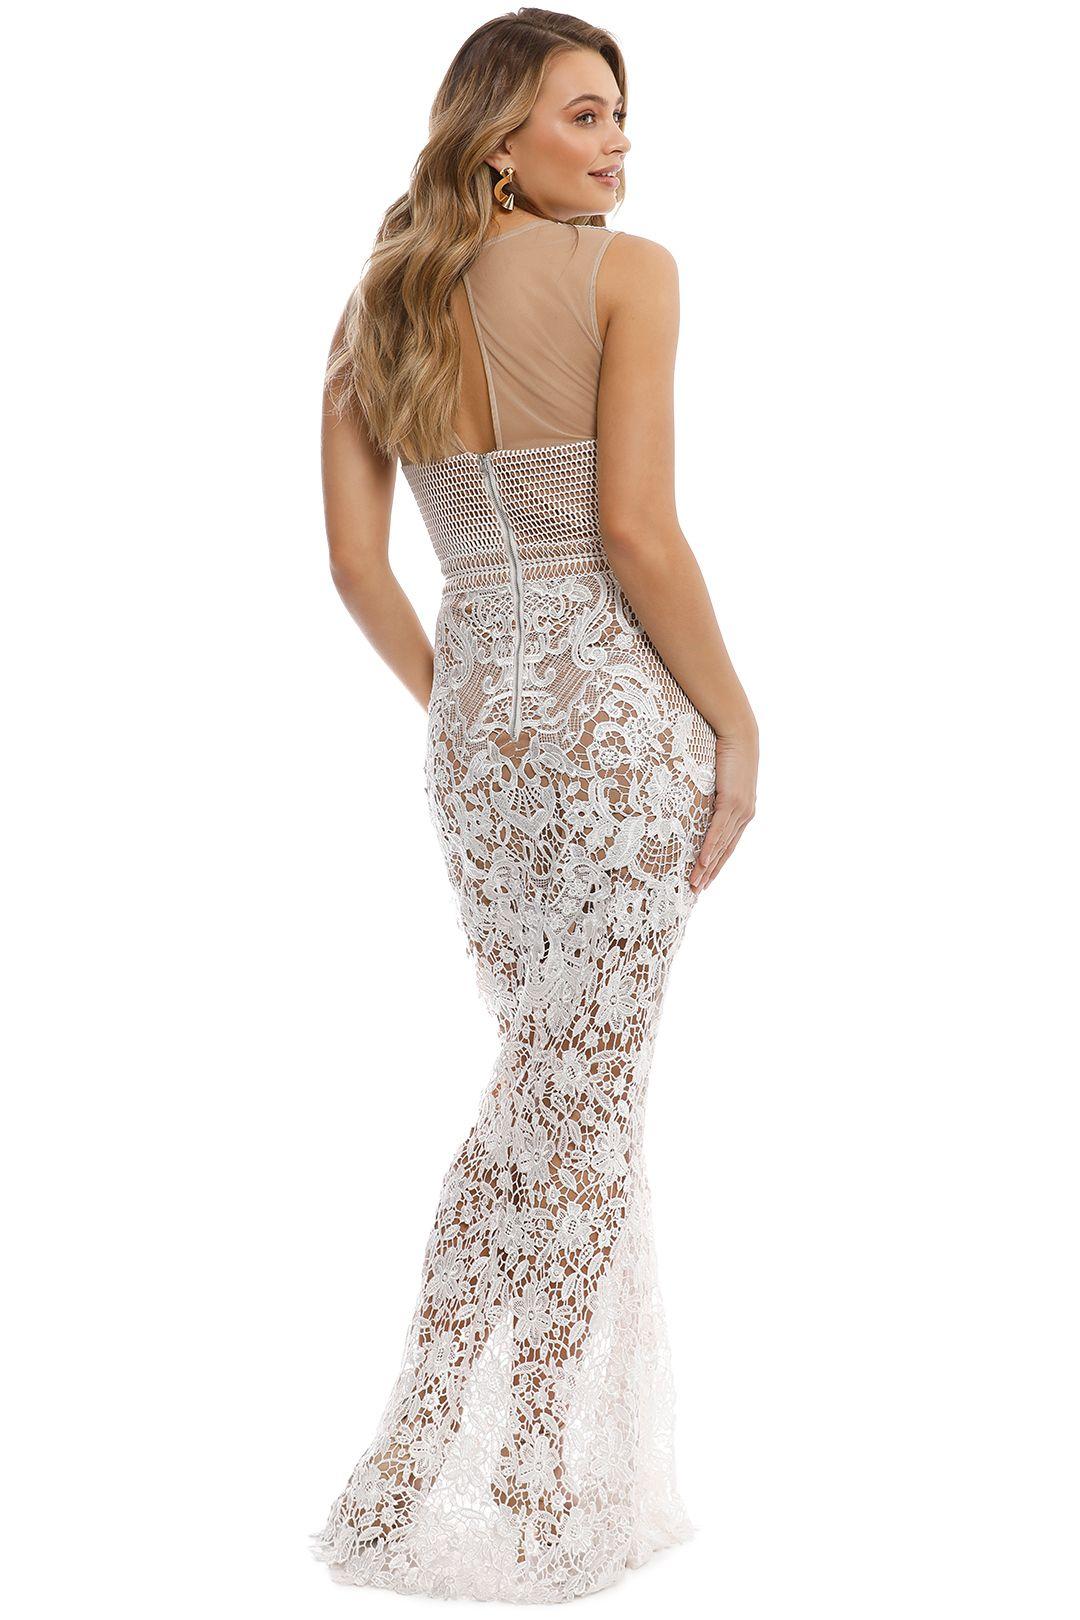 Grace & Hart - Renaissance Gown - White - Back